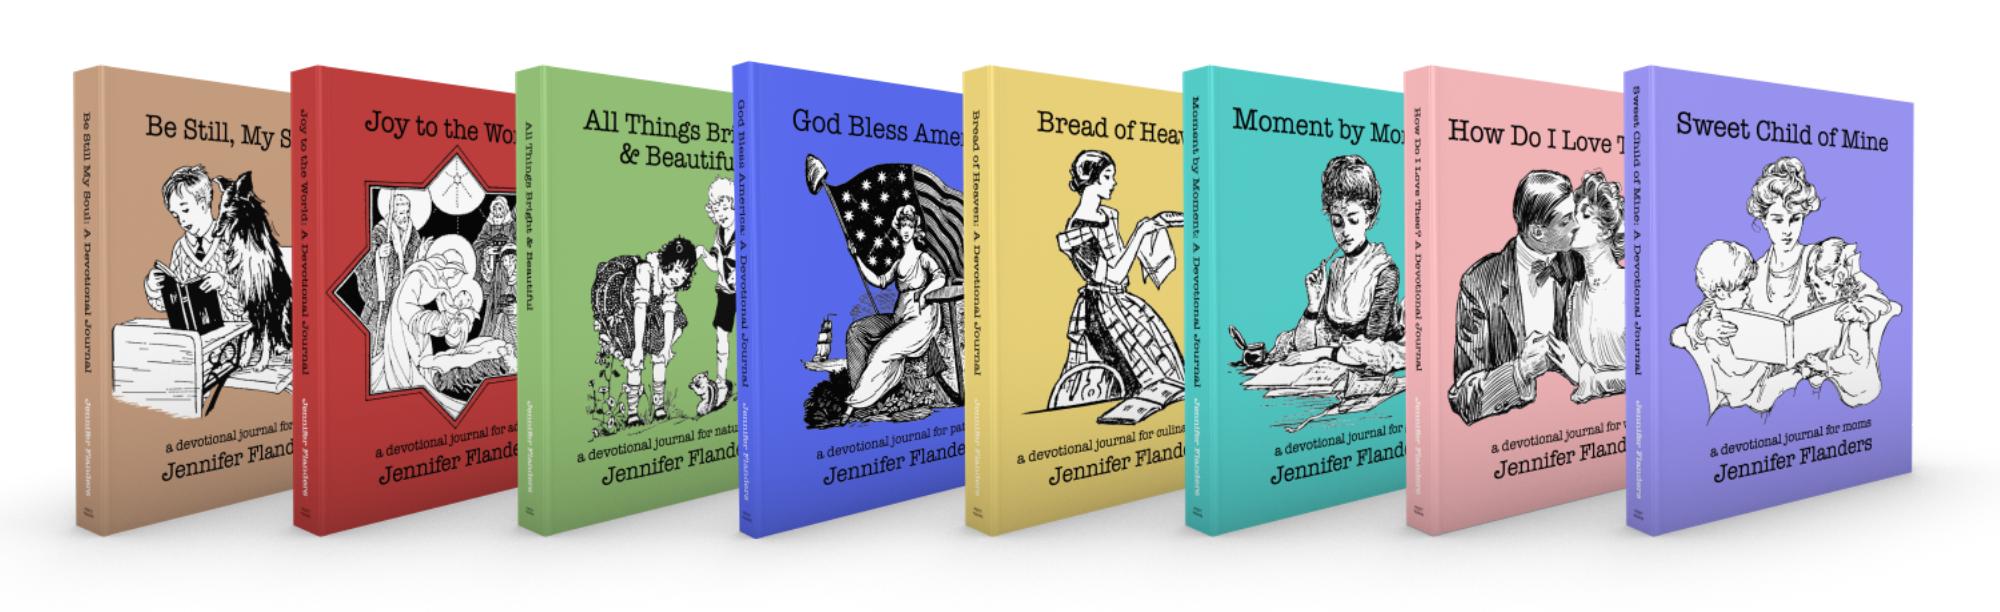 On sale now! Devotional Journals by Jennifer Flanders